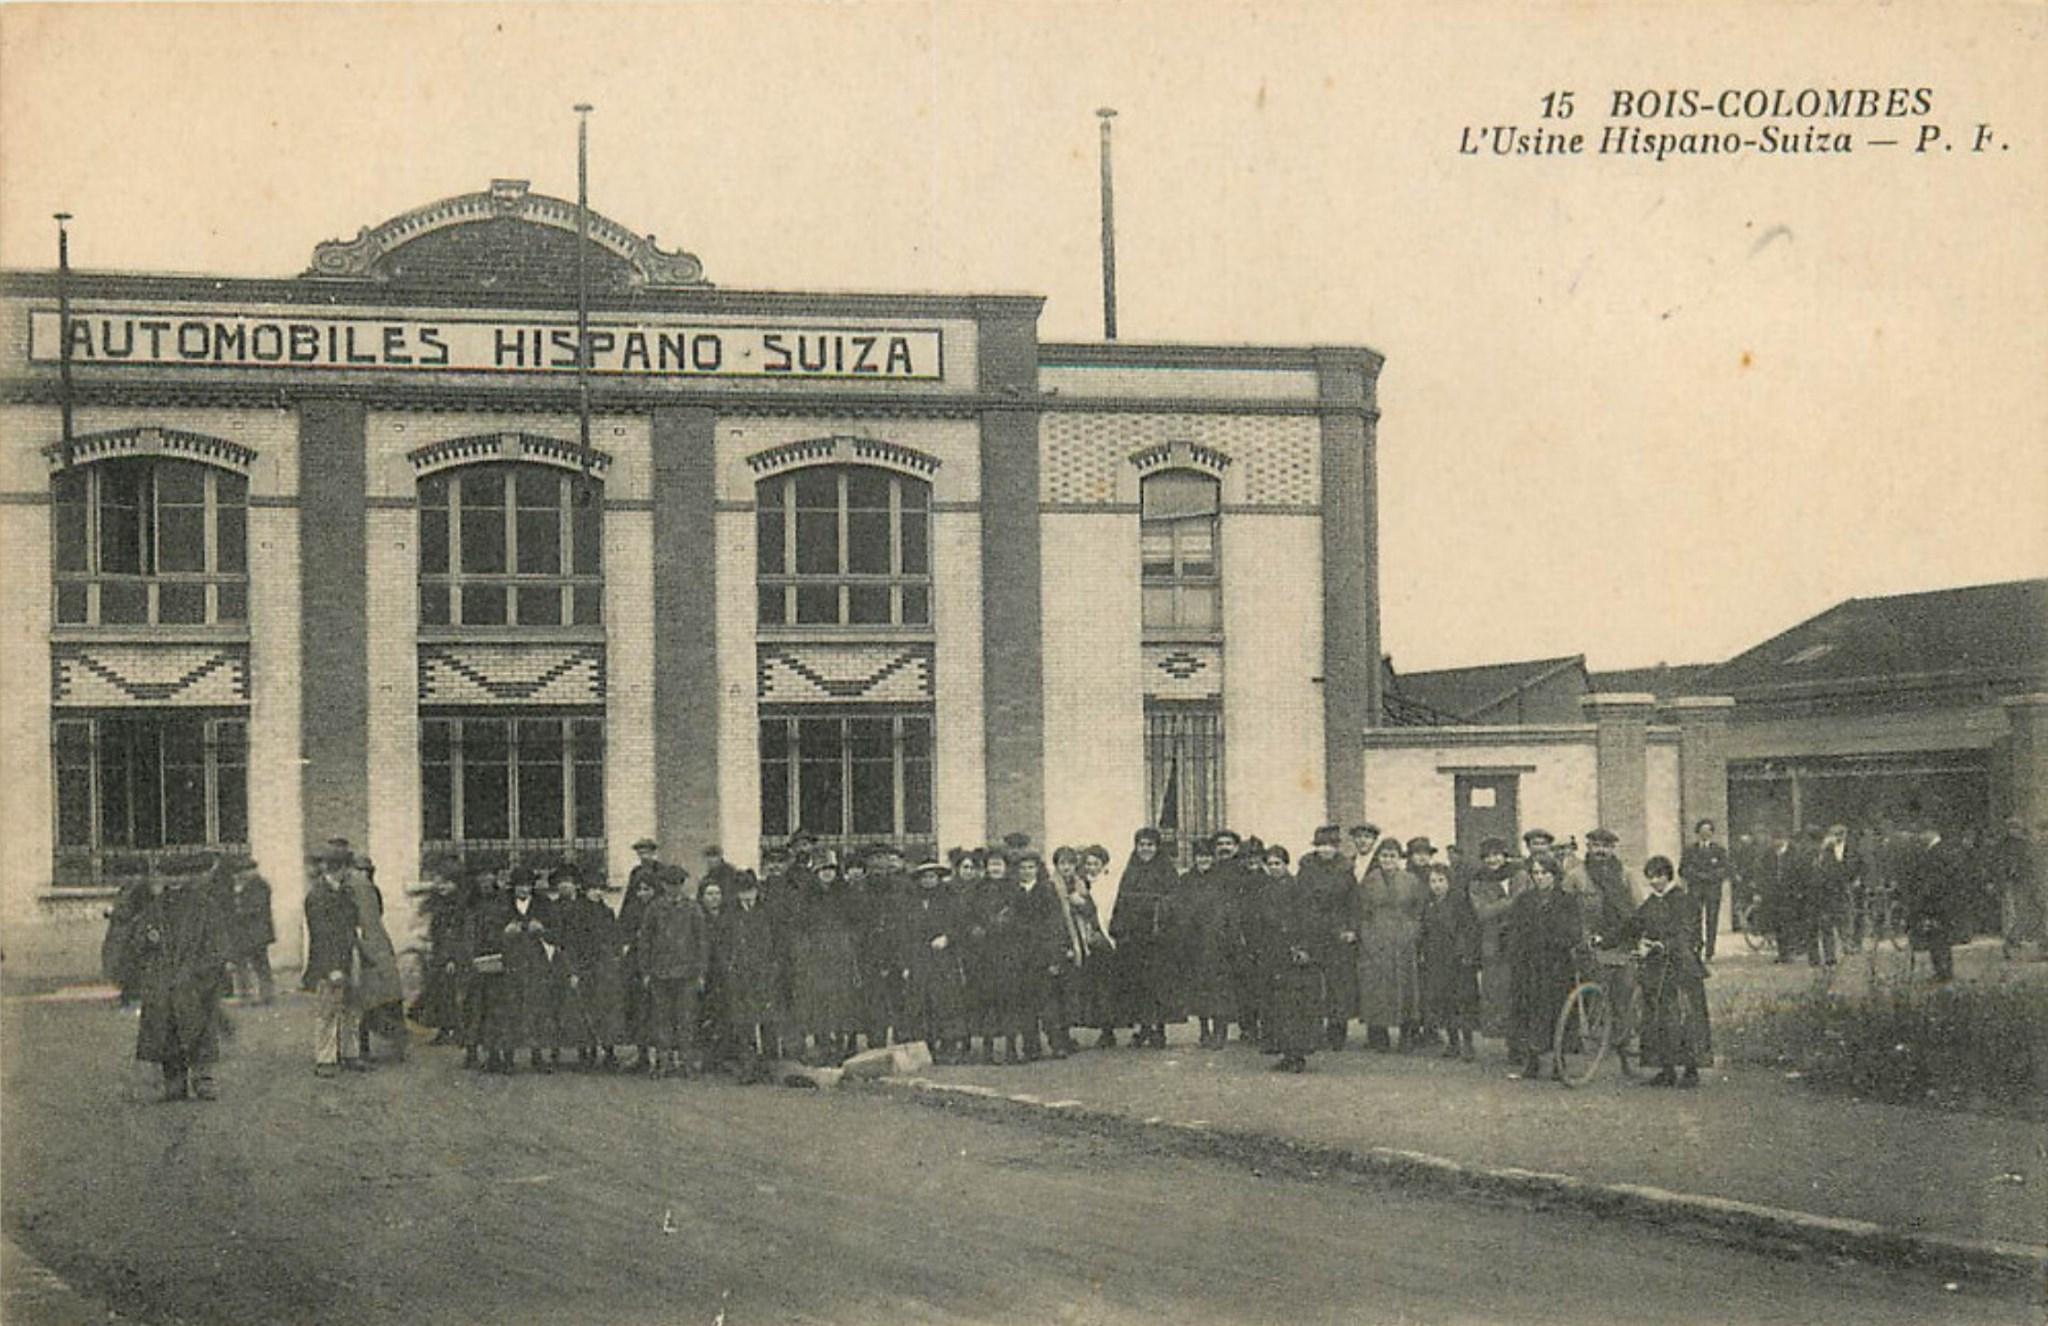 Hispano-Suiza-France